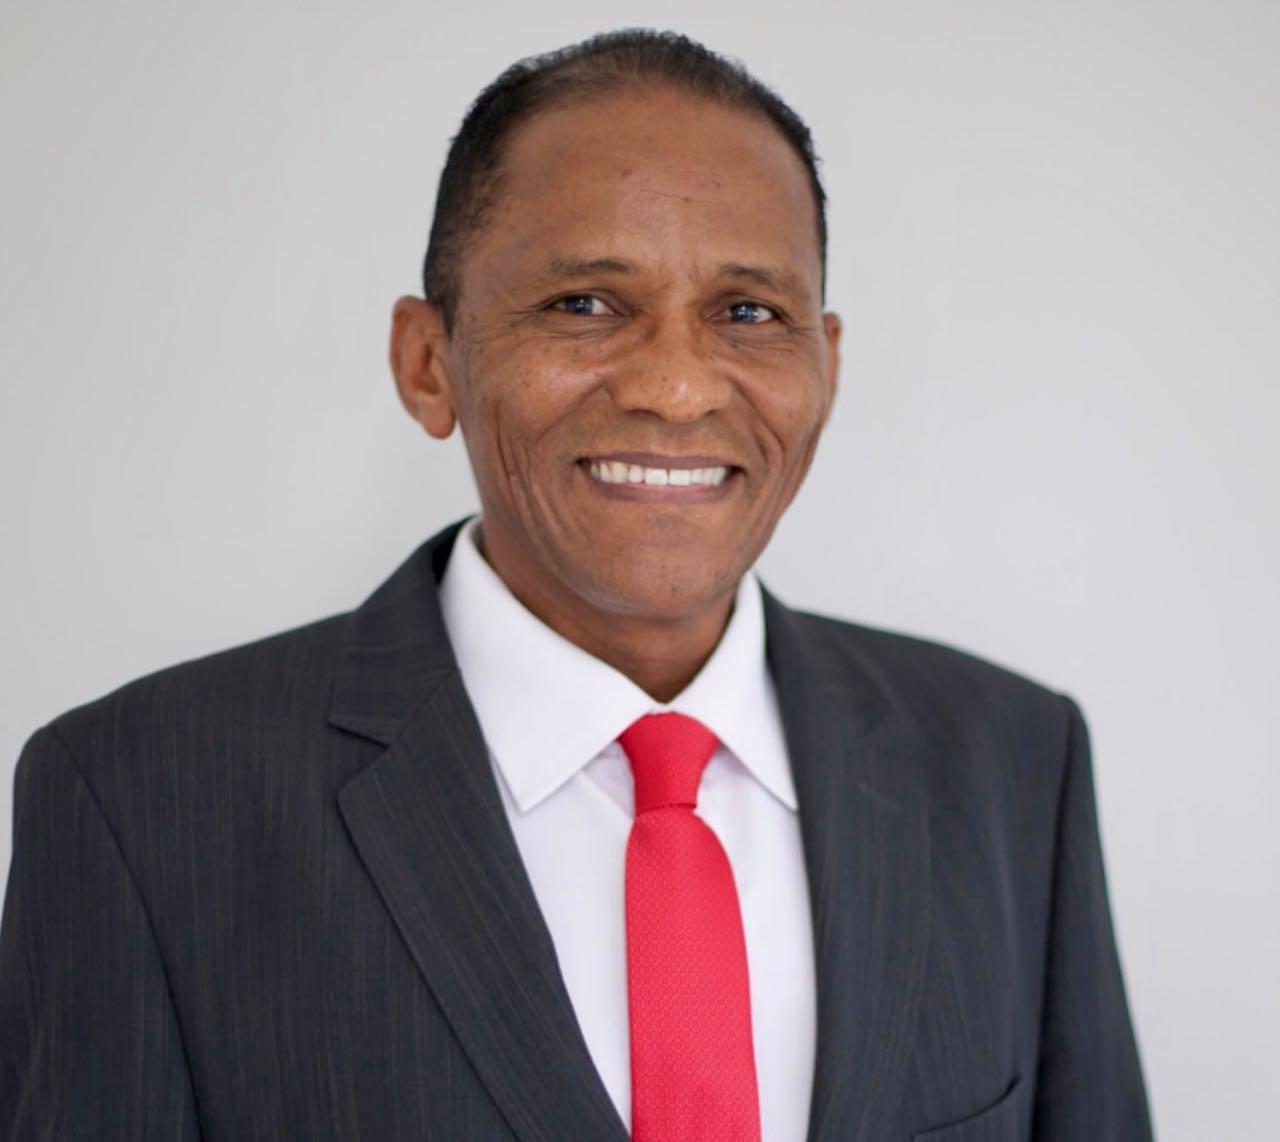 Eucélio Pereira da Silva